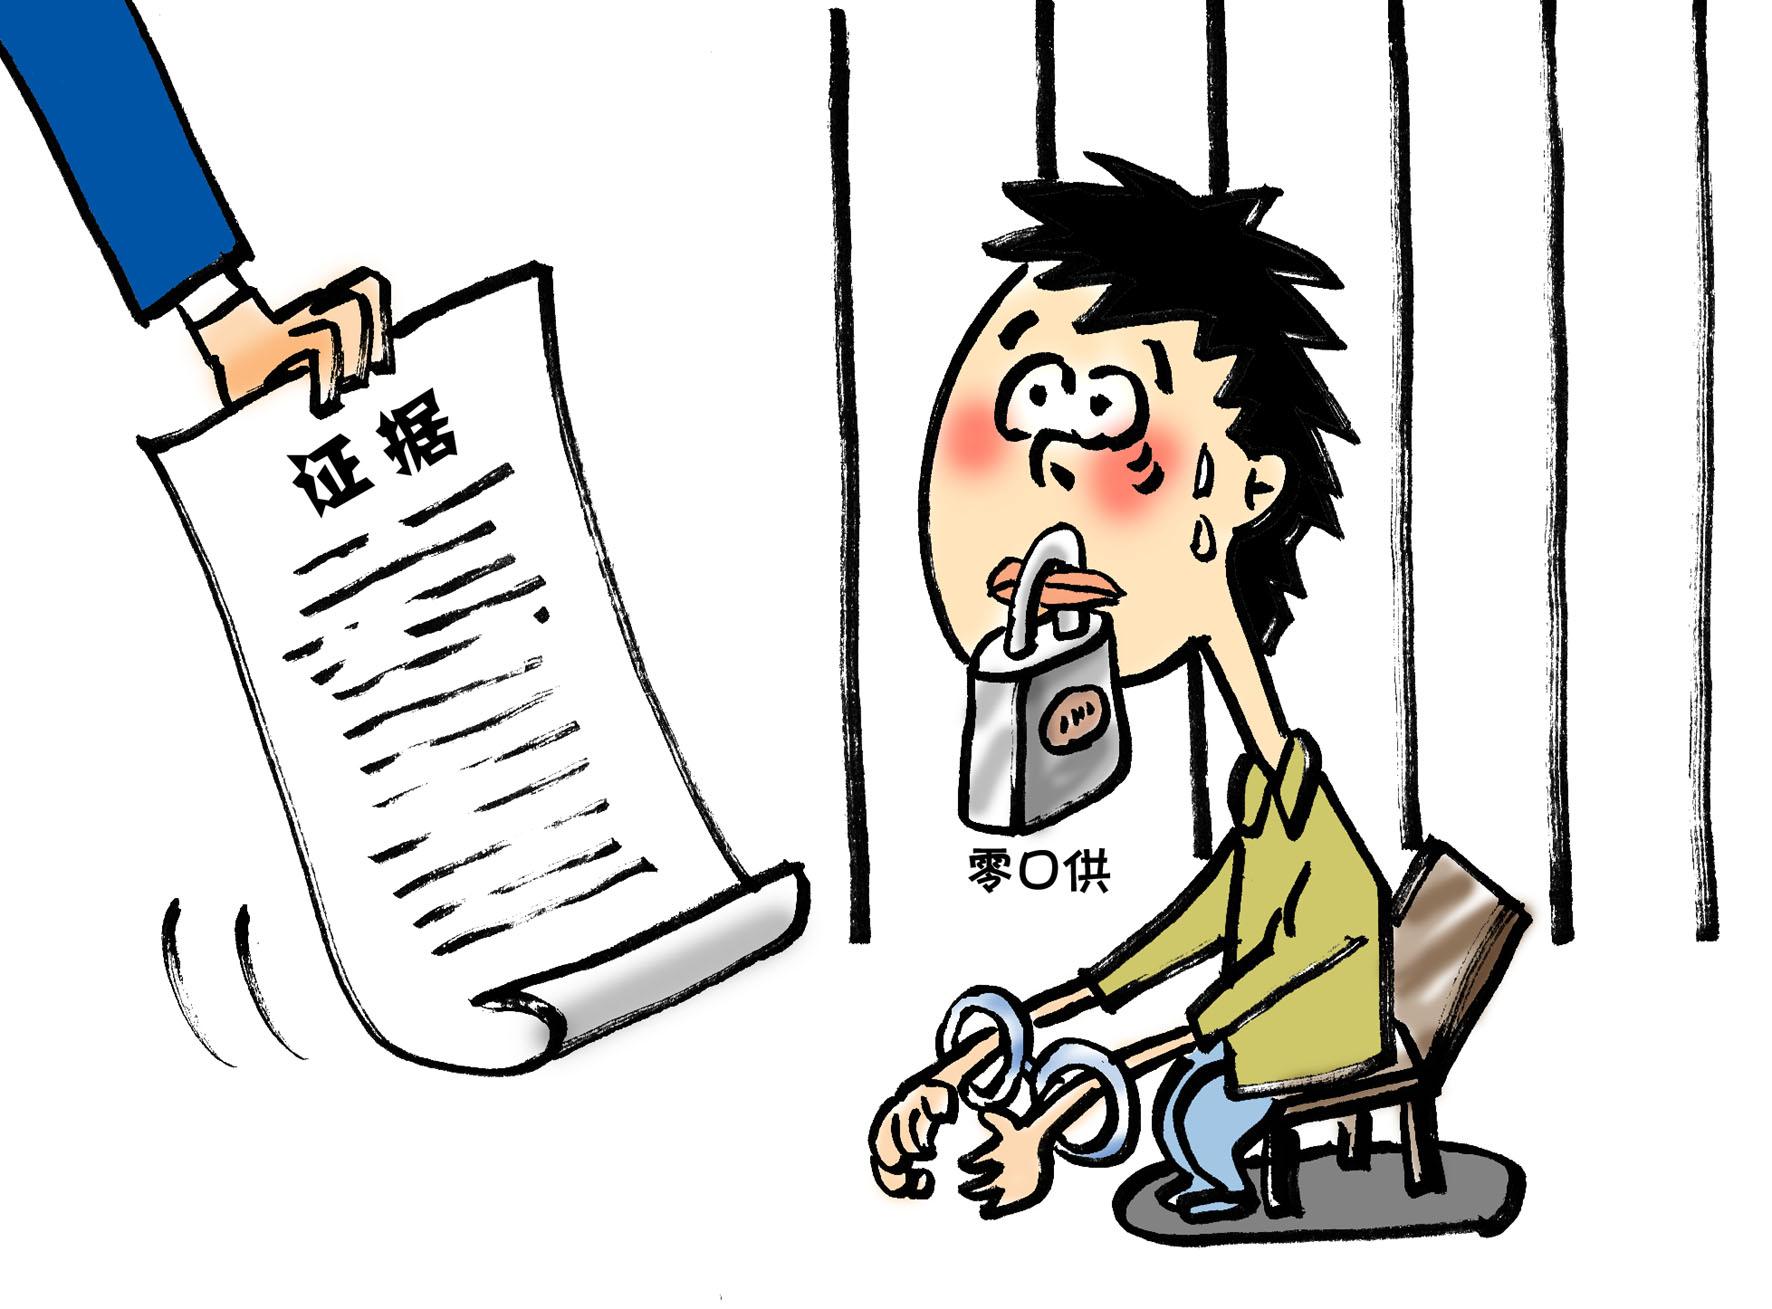 泗洪:案发六年后,被告人因诈骗获刑十年半